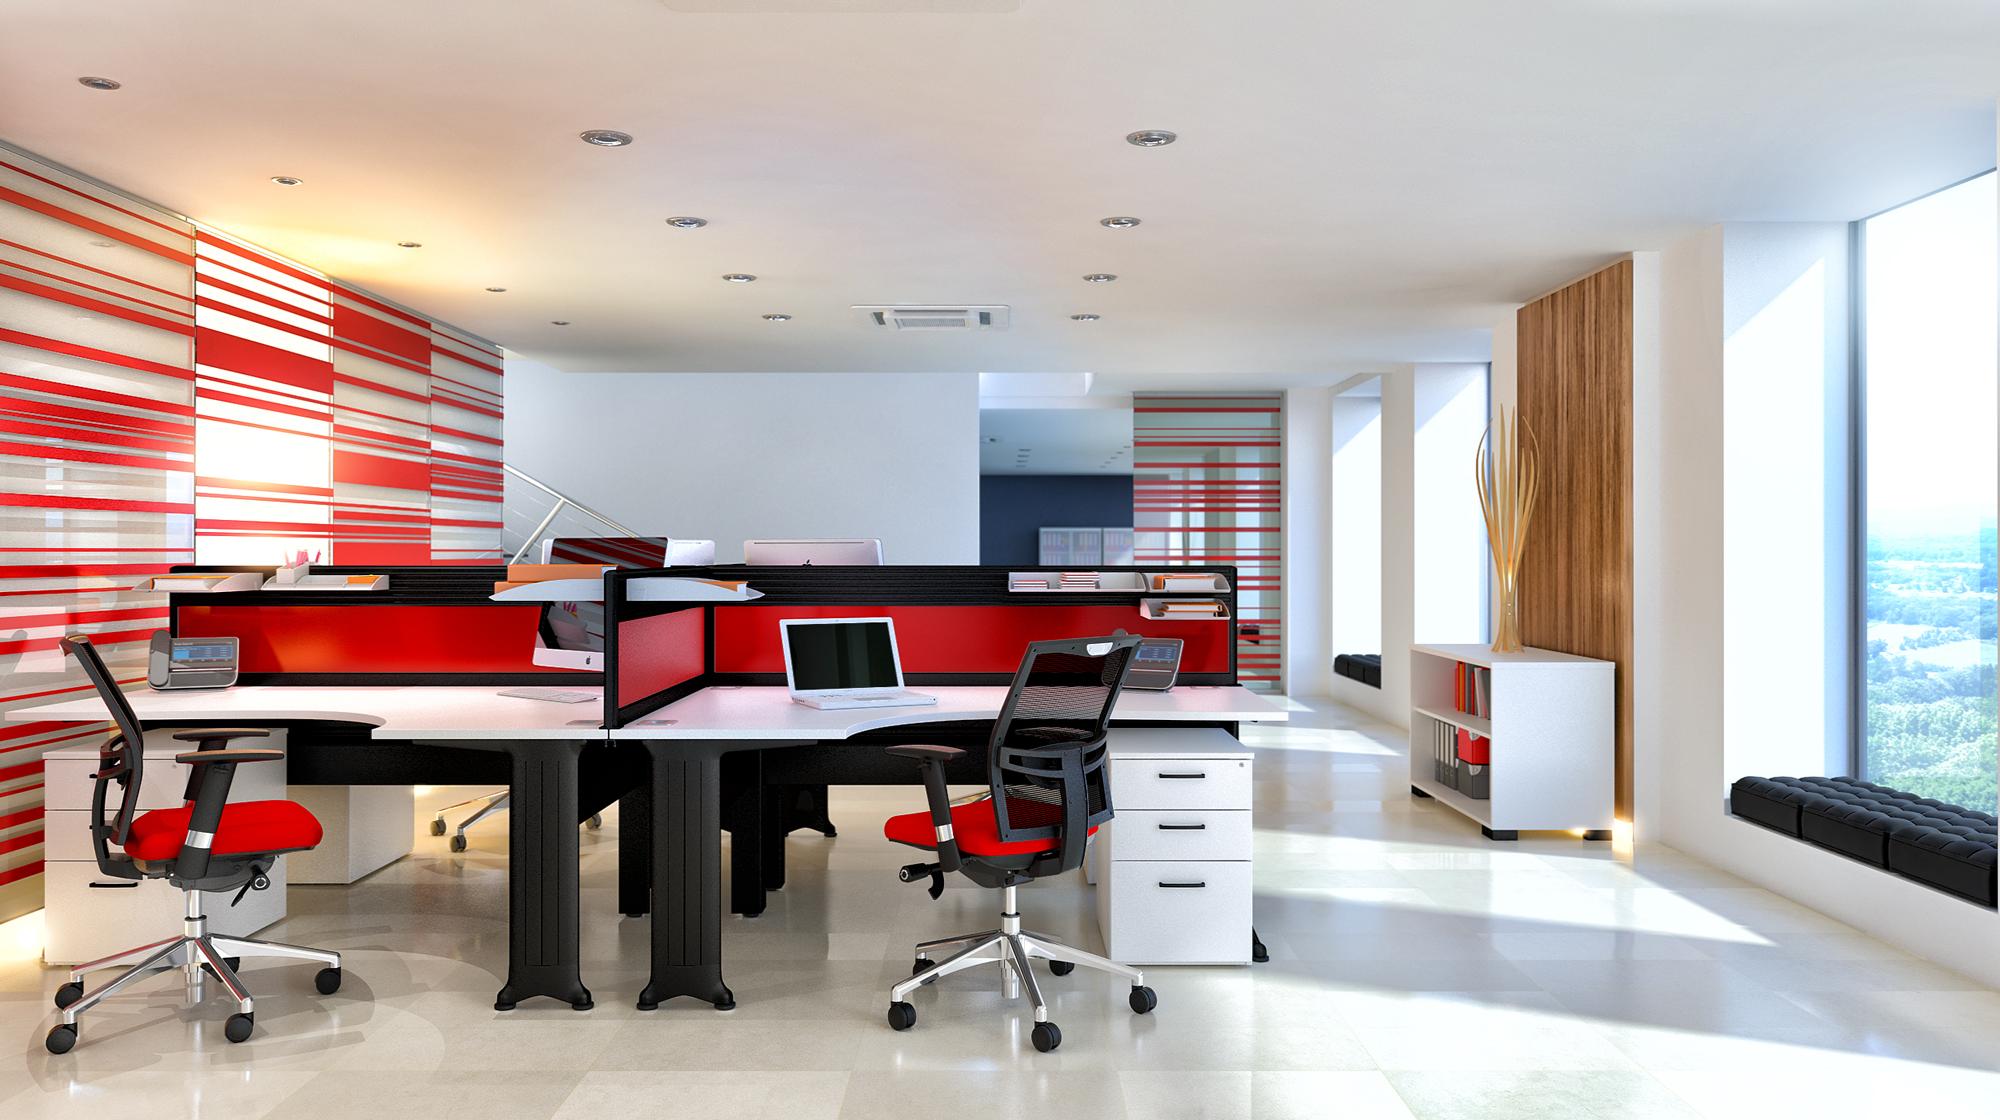 mẫu văn phòng đẹp